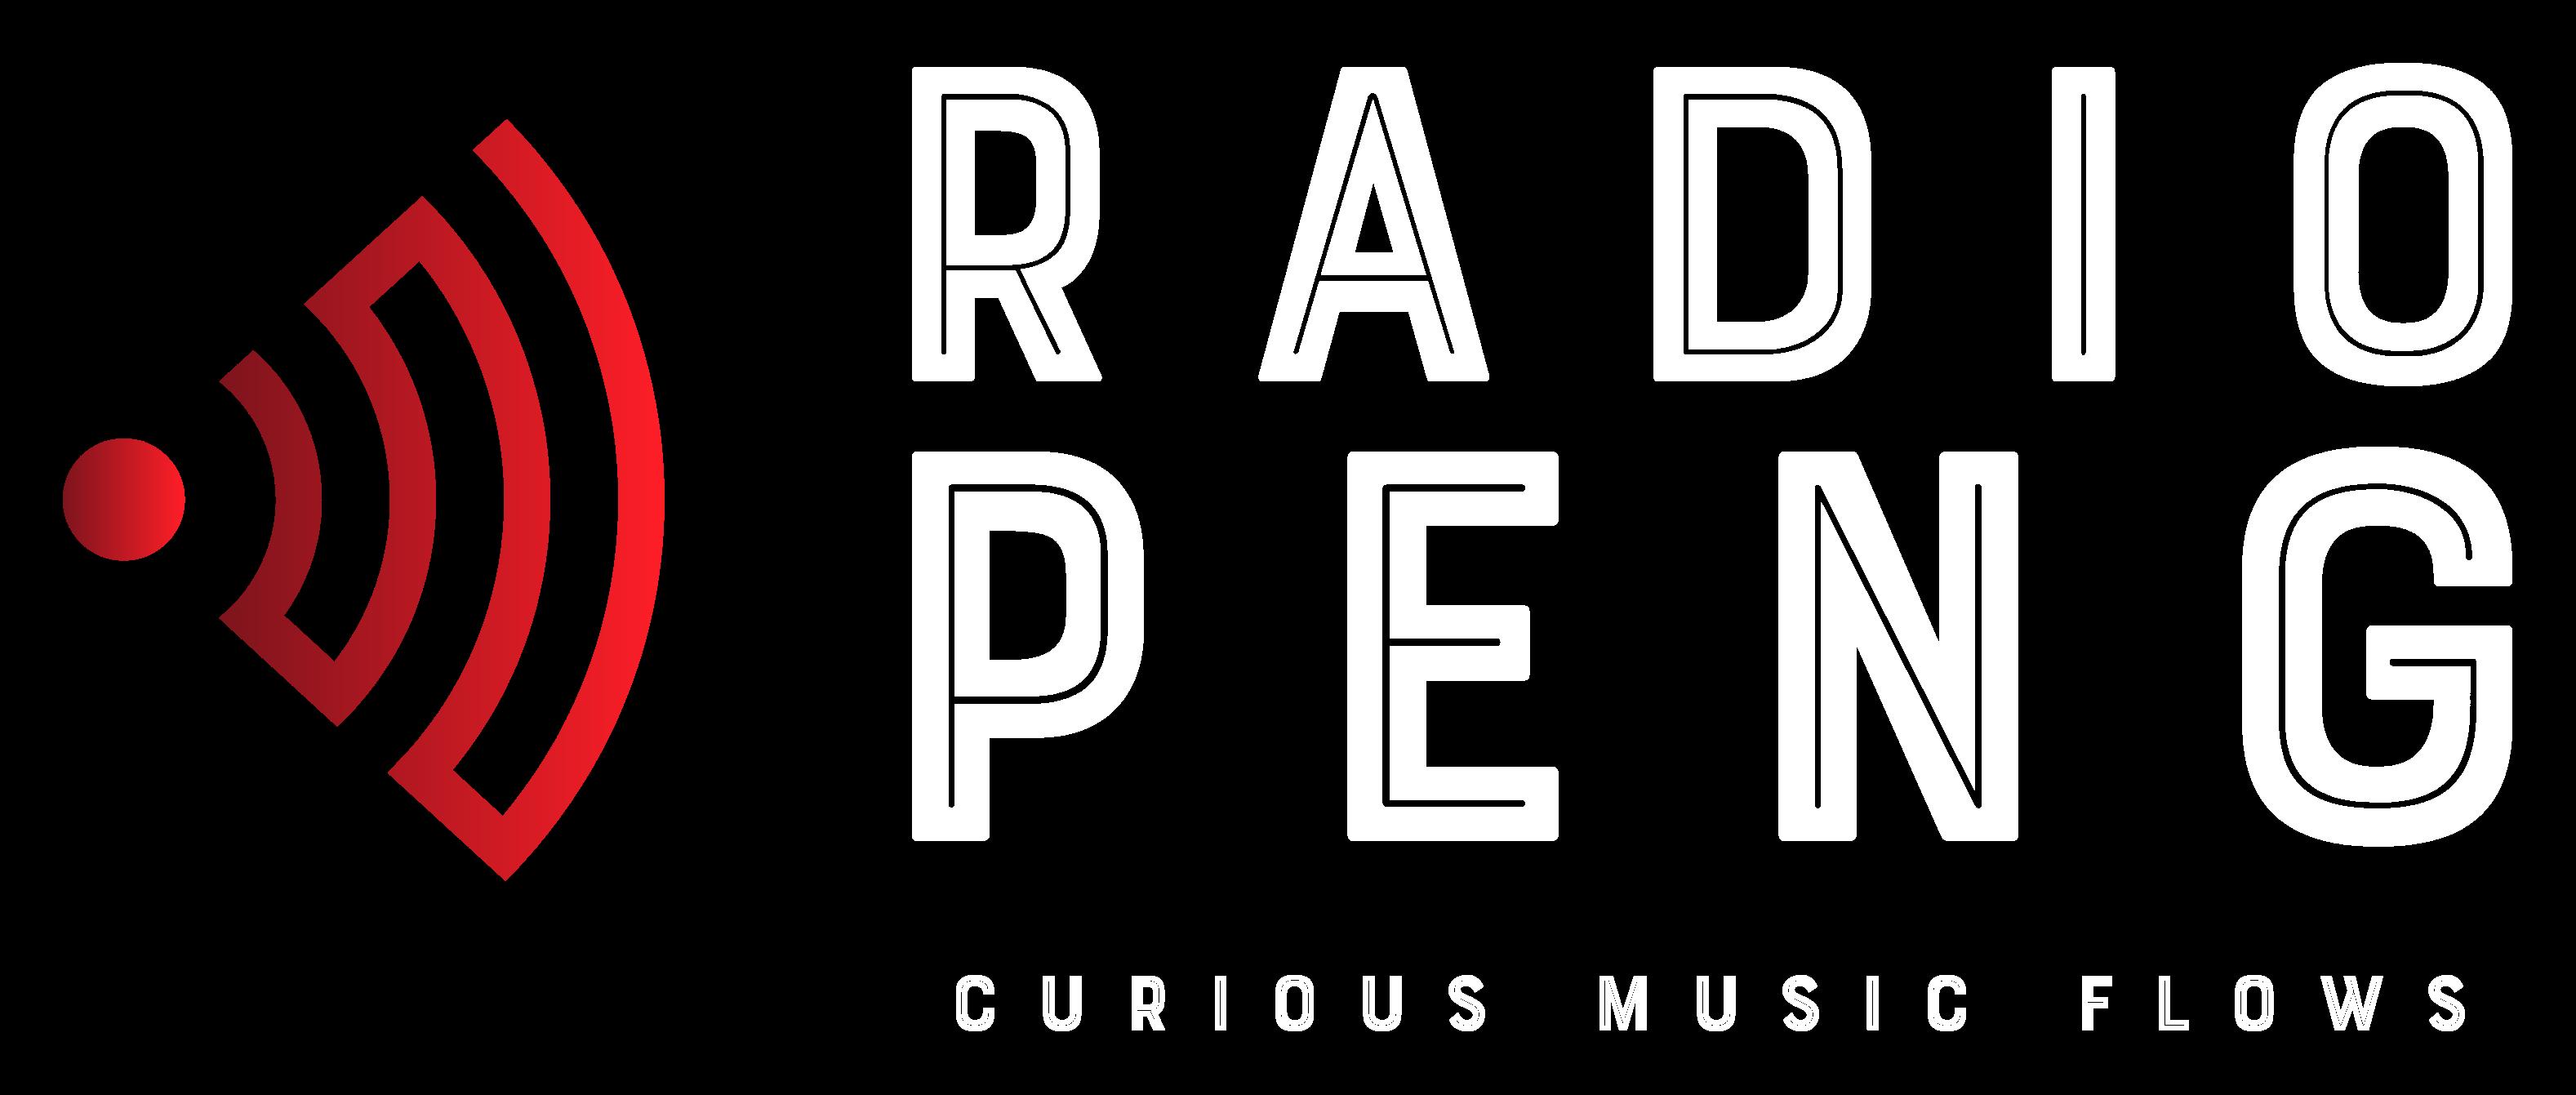 Radio Peng